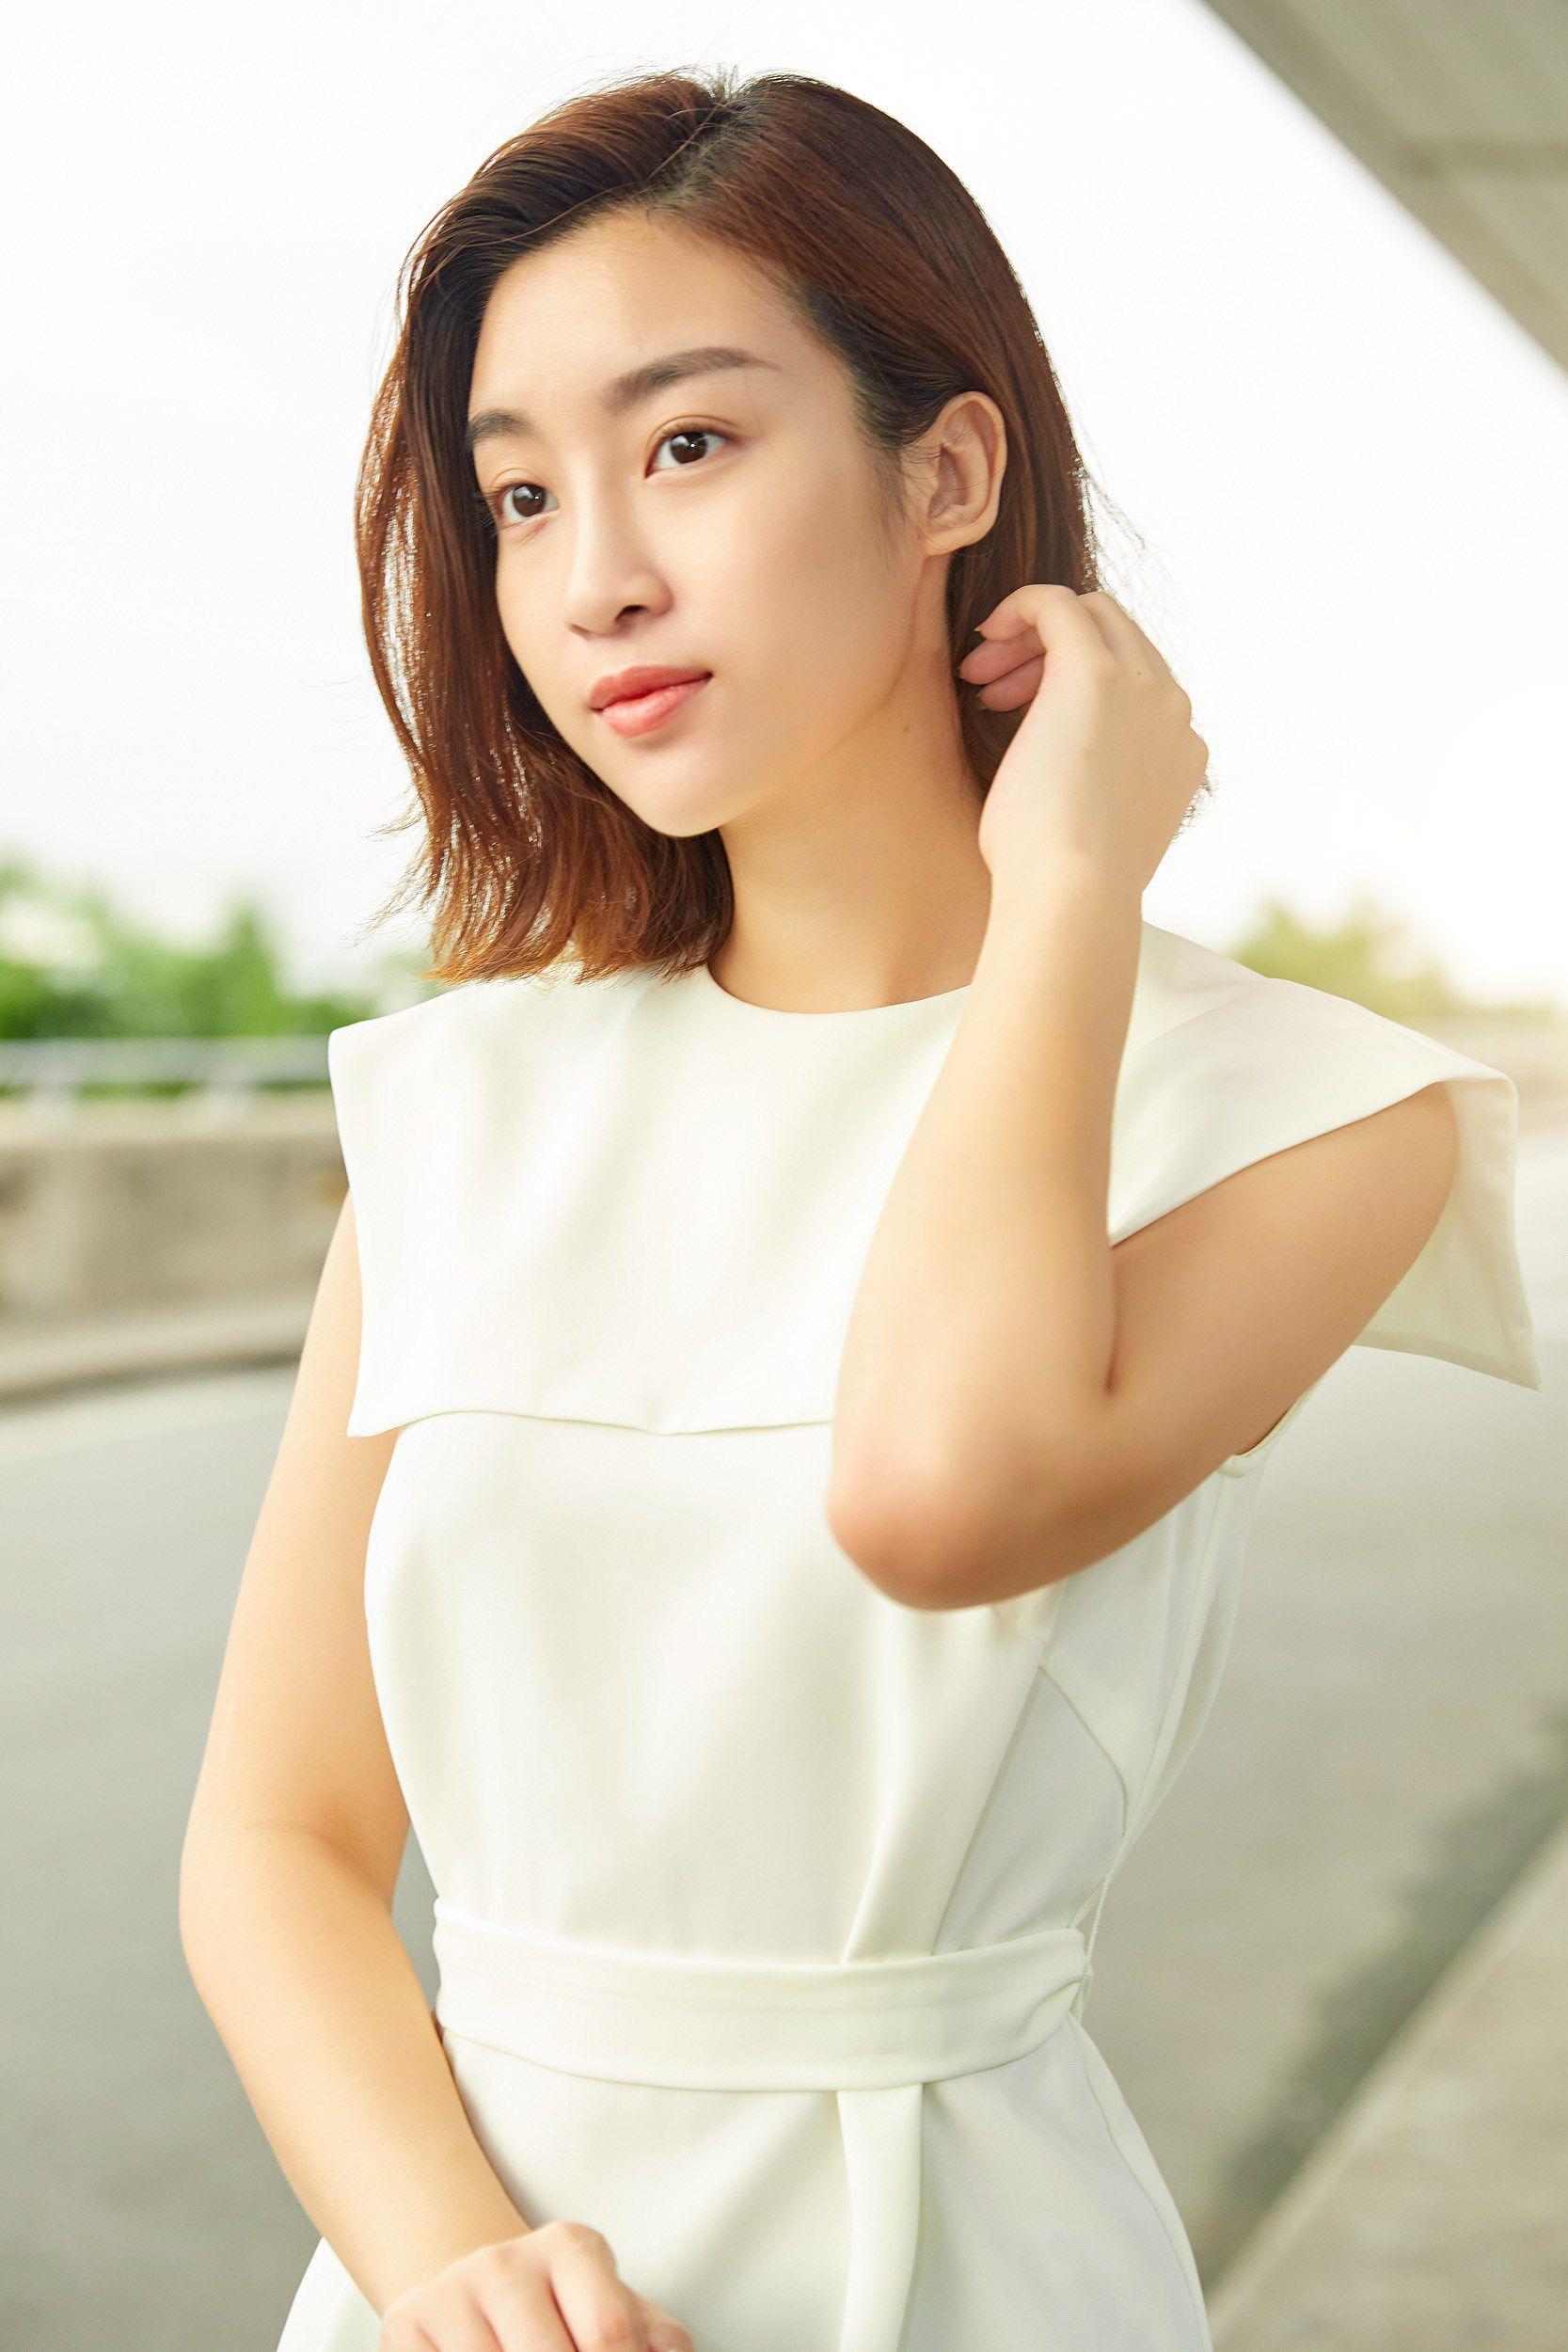 Hoa hậu Đỗ Mỹ Linh và Phương Ly đọ mặt mộc xinh đẹp tại sân bay Ảnh 4